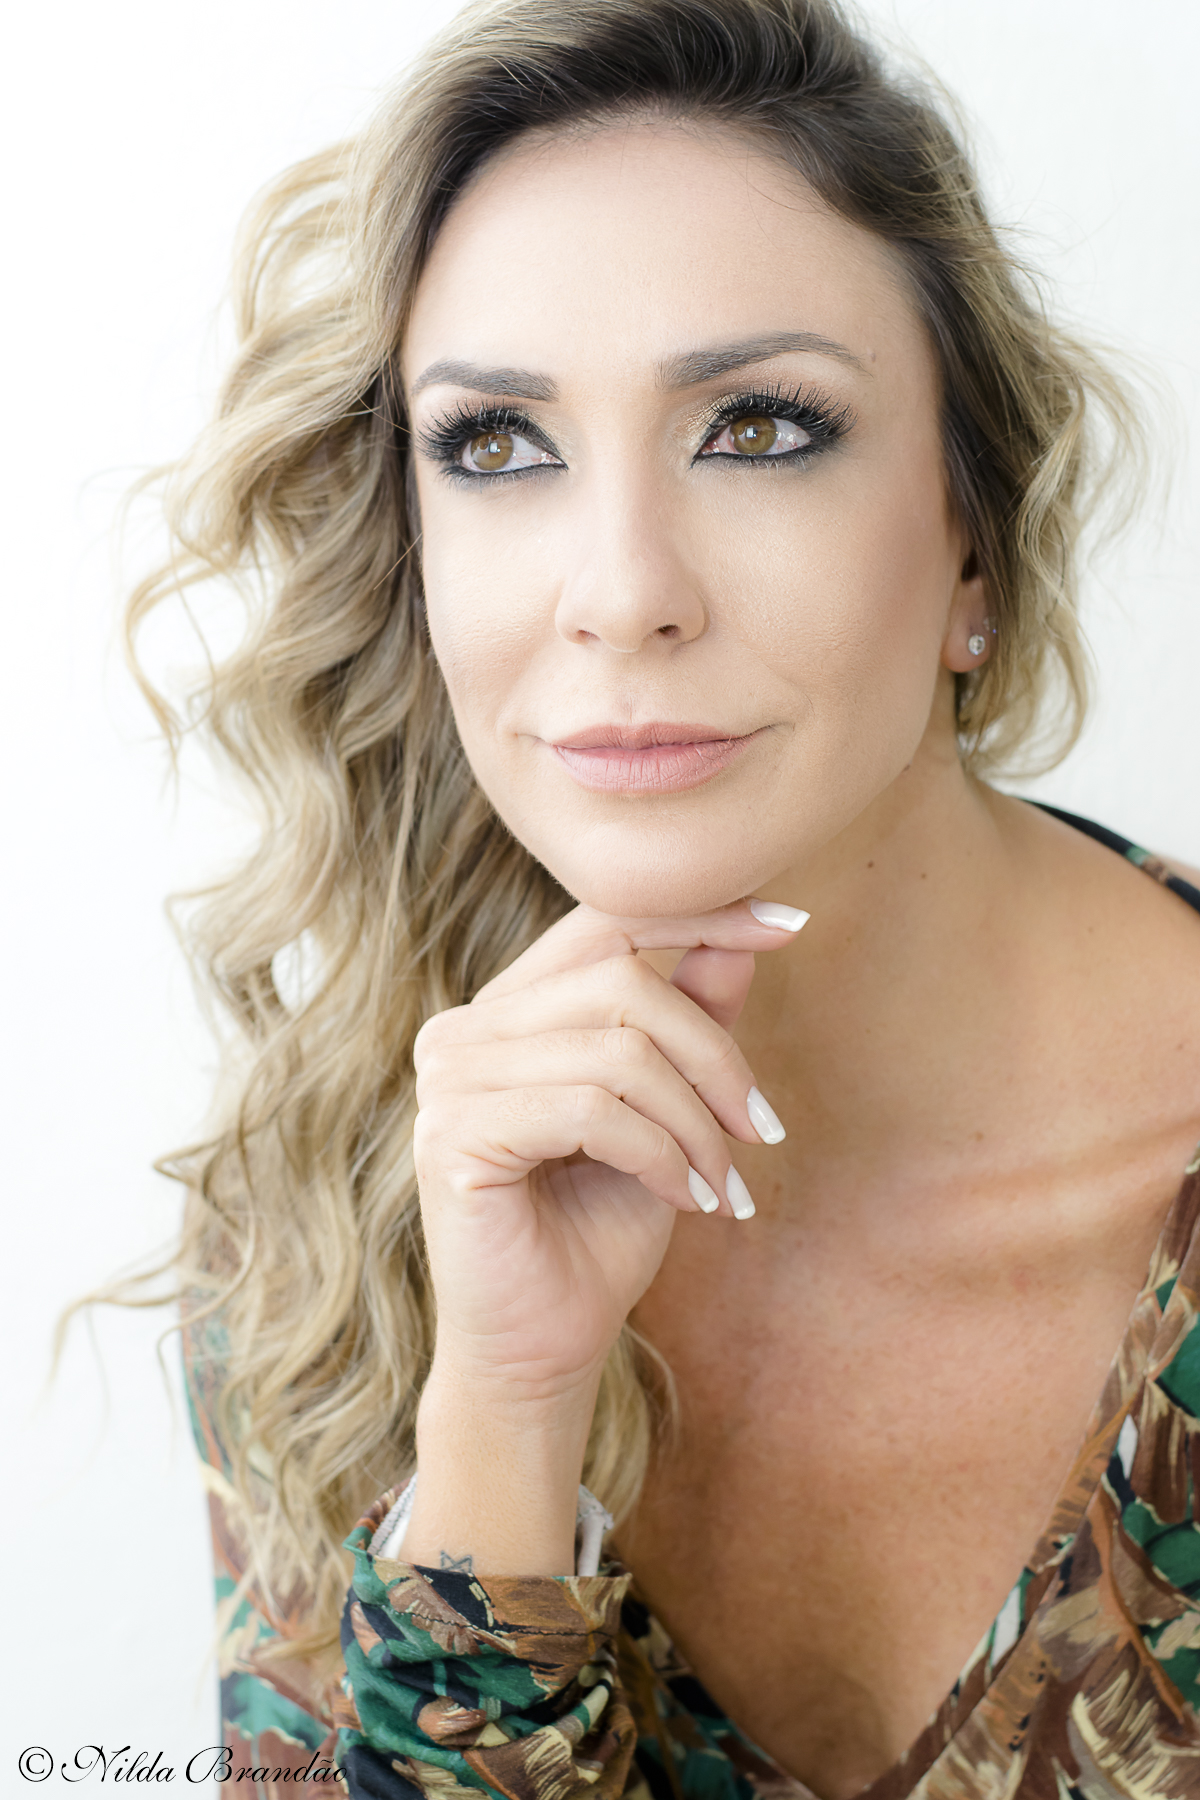 Retrato - Fotografia de moda - Fotos feitas para o Estilista Vinicius Caspar, em seu ateliê em Moema, modelo Marianna Dib